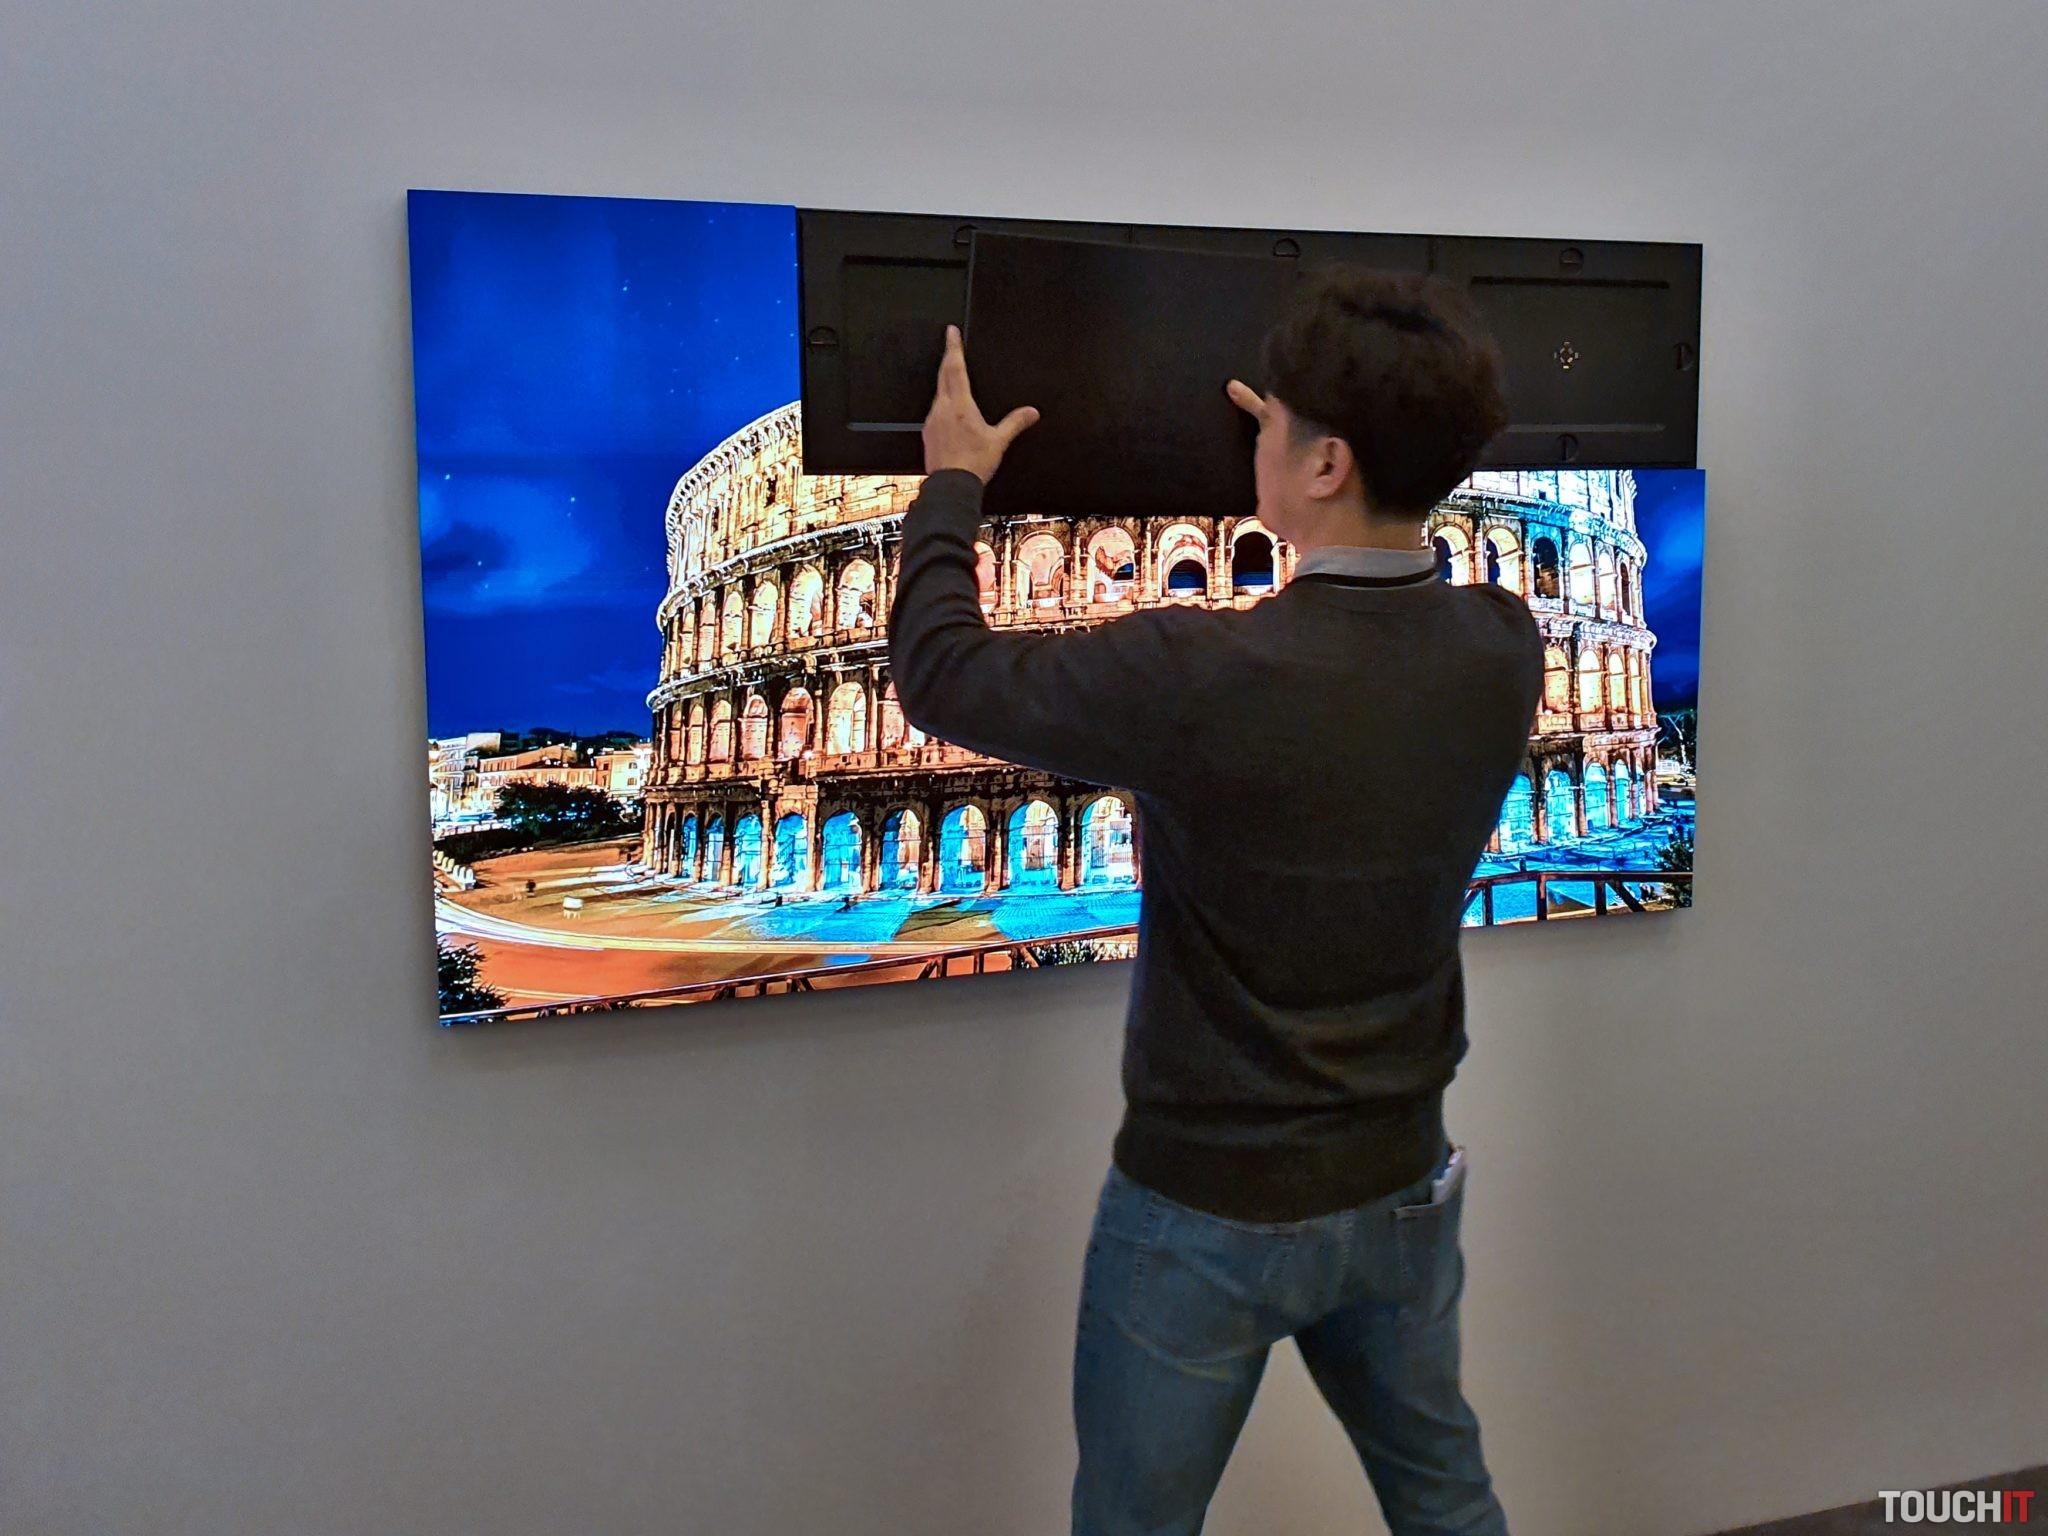 Modulárna štruktúra Samsung The Wall TV